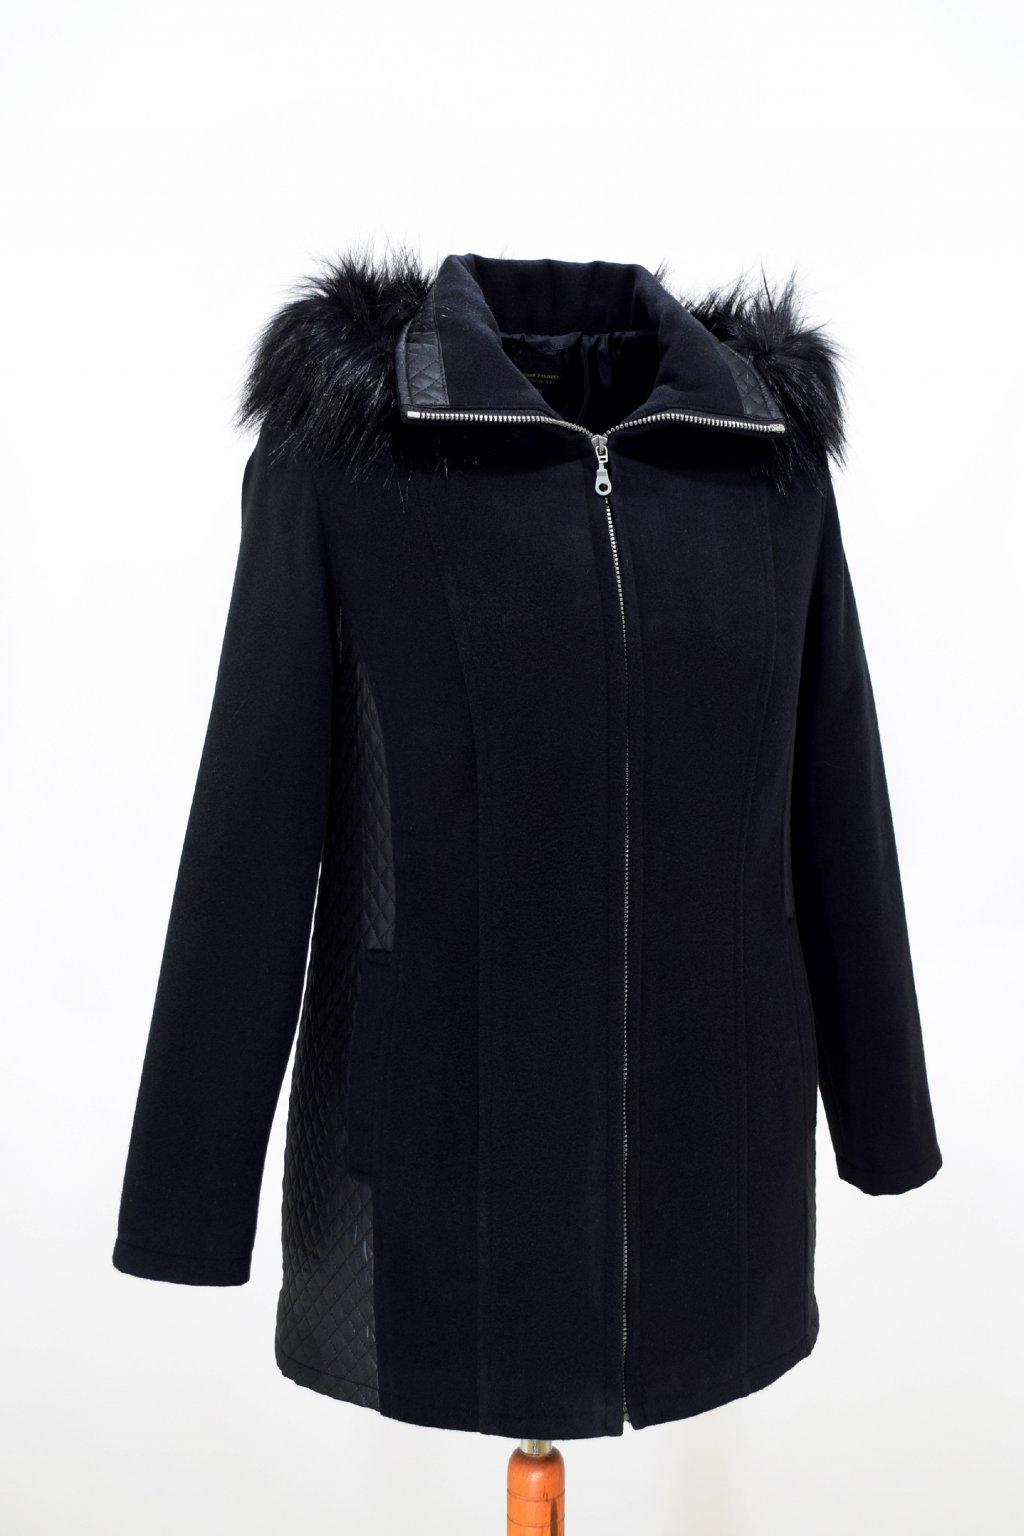 Dámský černý zimní kabátek Frída nadměrné velikosti.